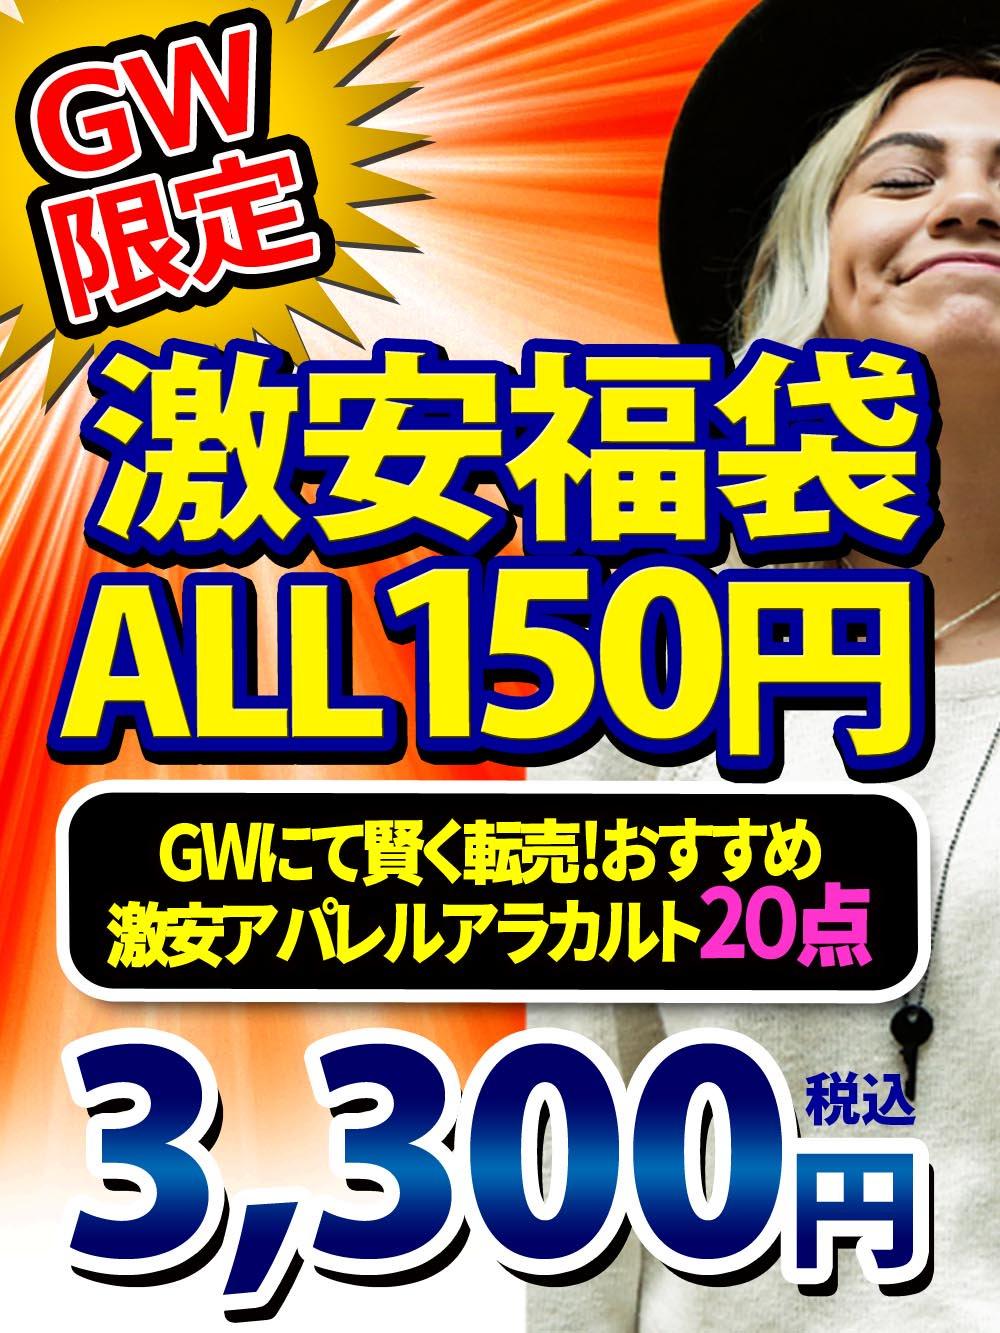 【激安福袋ALL150円】GWにて賢く転売!おすすめ激安アパレルアラカルト!【20点】@150